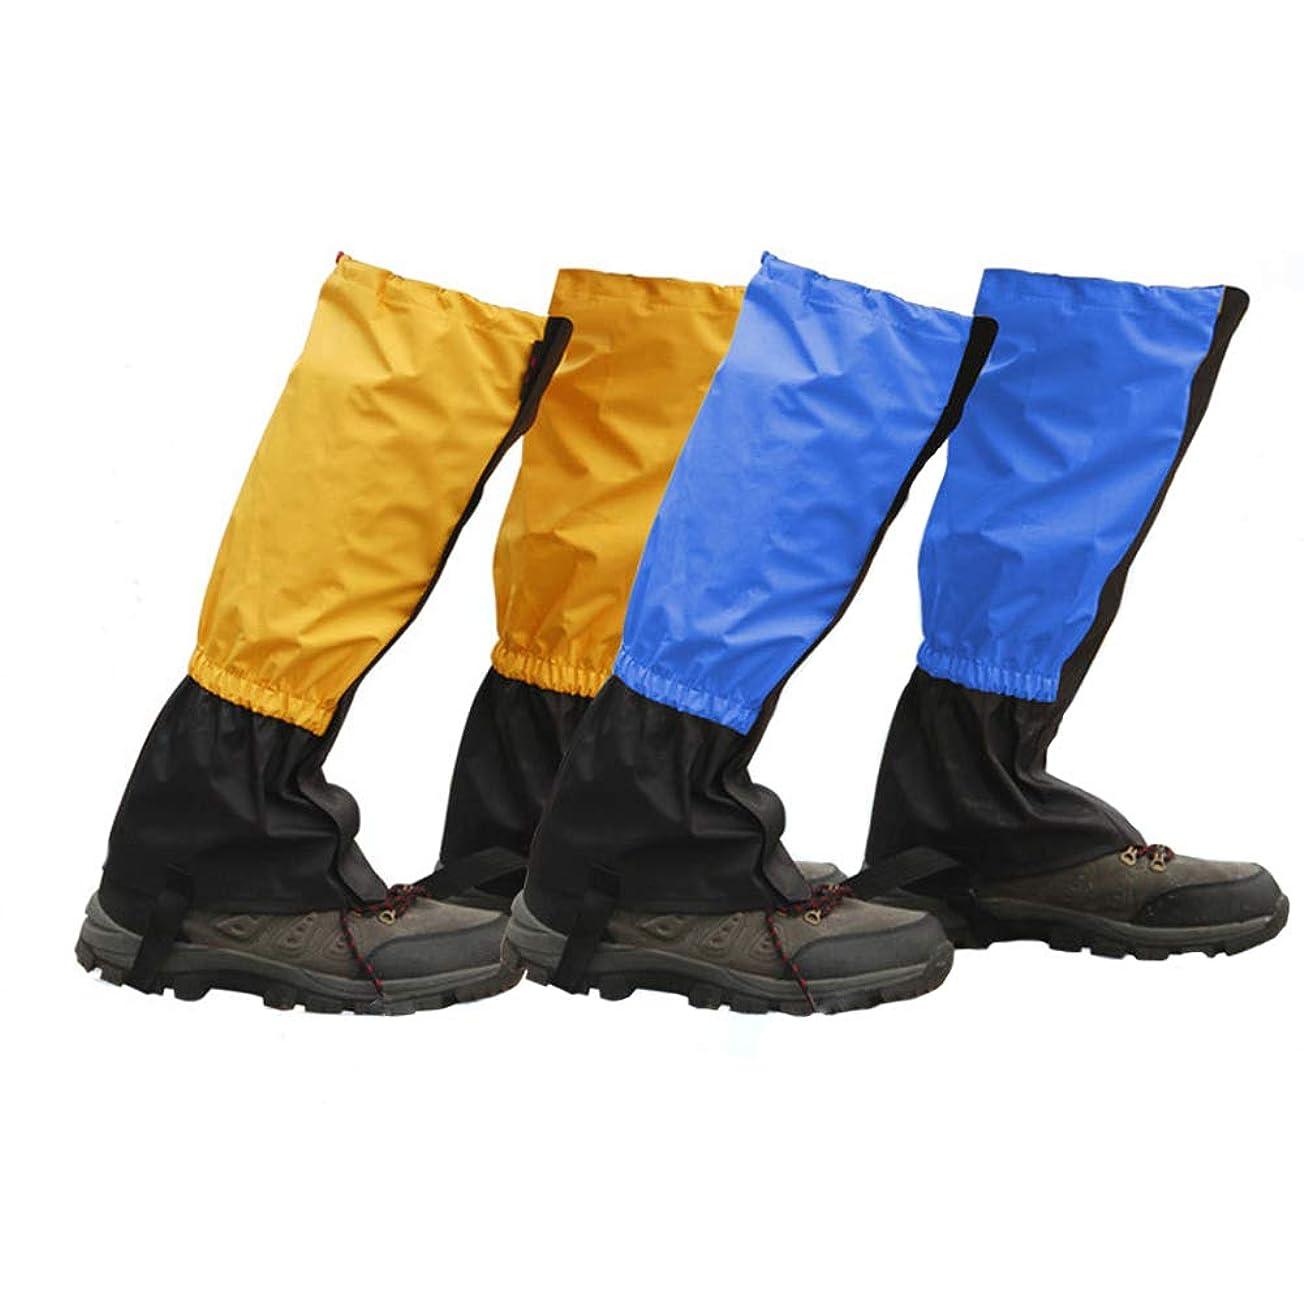 故国独裁ベールロングスパッツ ゲイター 登山スパッツ 登山ゲイター 登山 トレッキング 軽量 撥水 防水 泥除け雨 雪 悪天候の日に メンズ レディース ウトドア 男女兼用